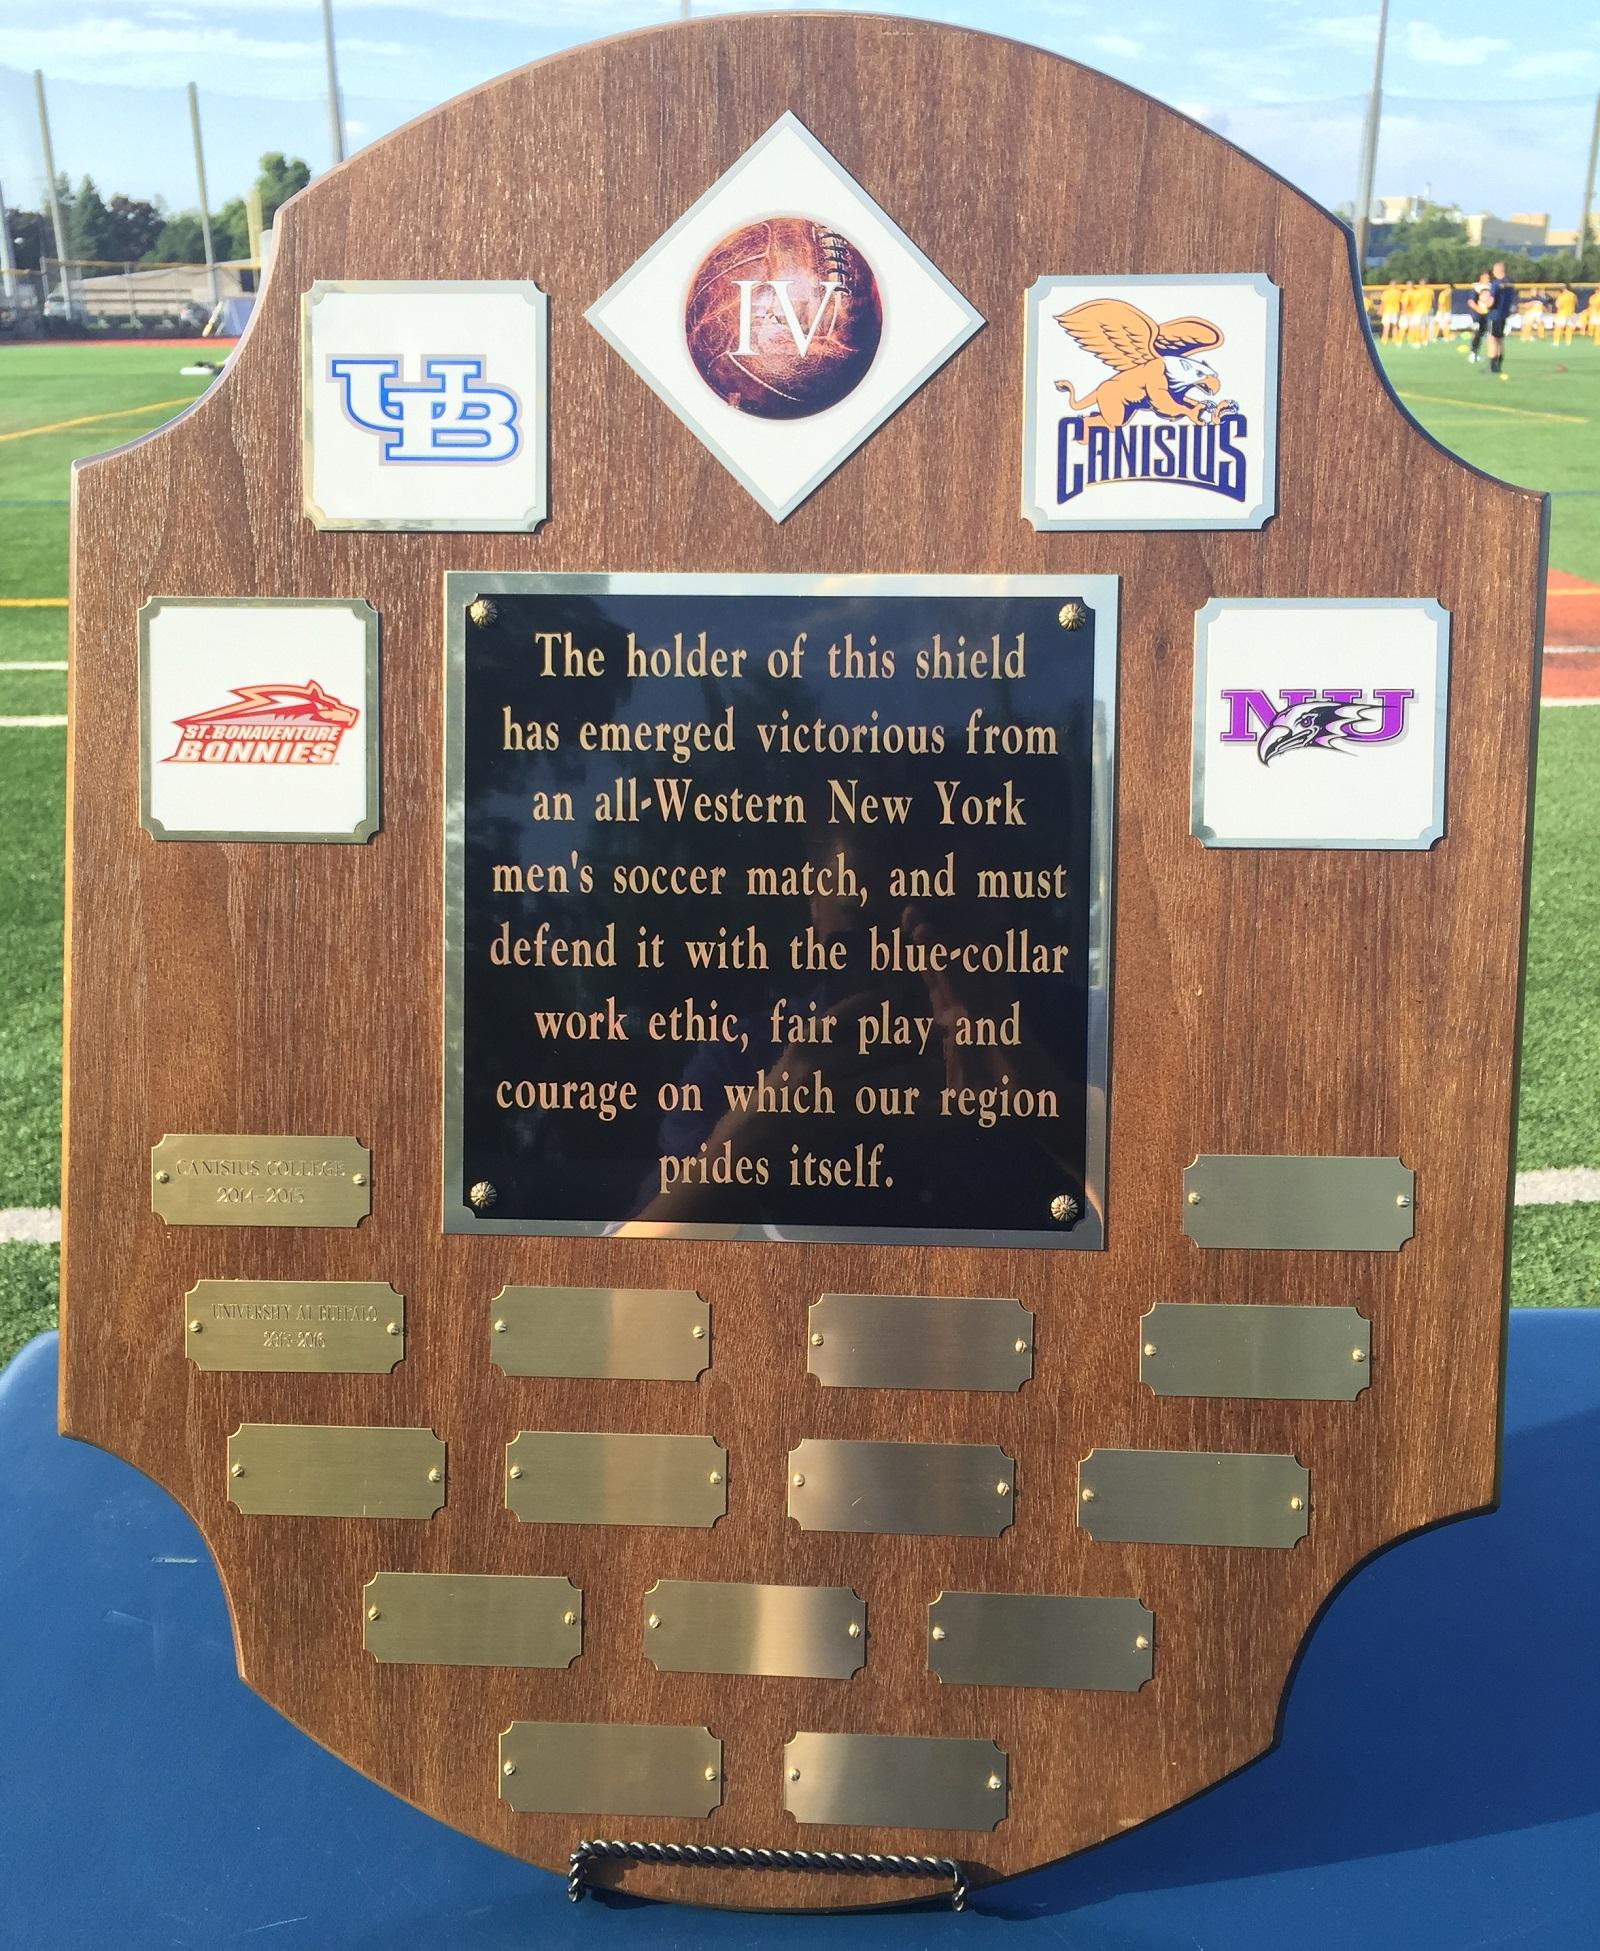 A closer look at the Big 4 Shield. (Ben Tsujimoto/Buffalo News)